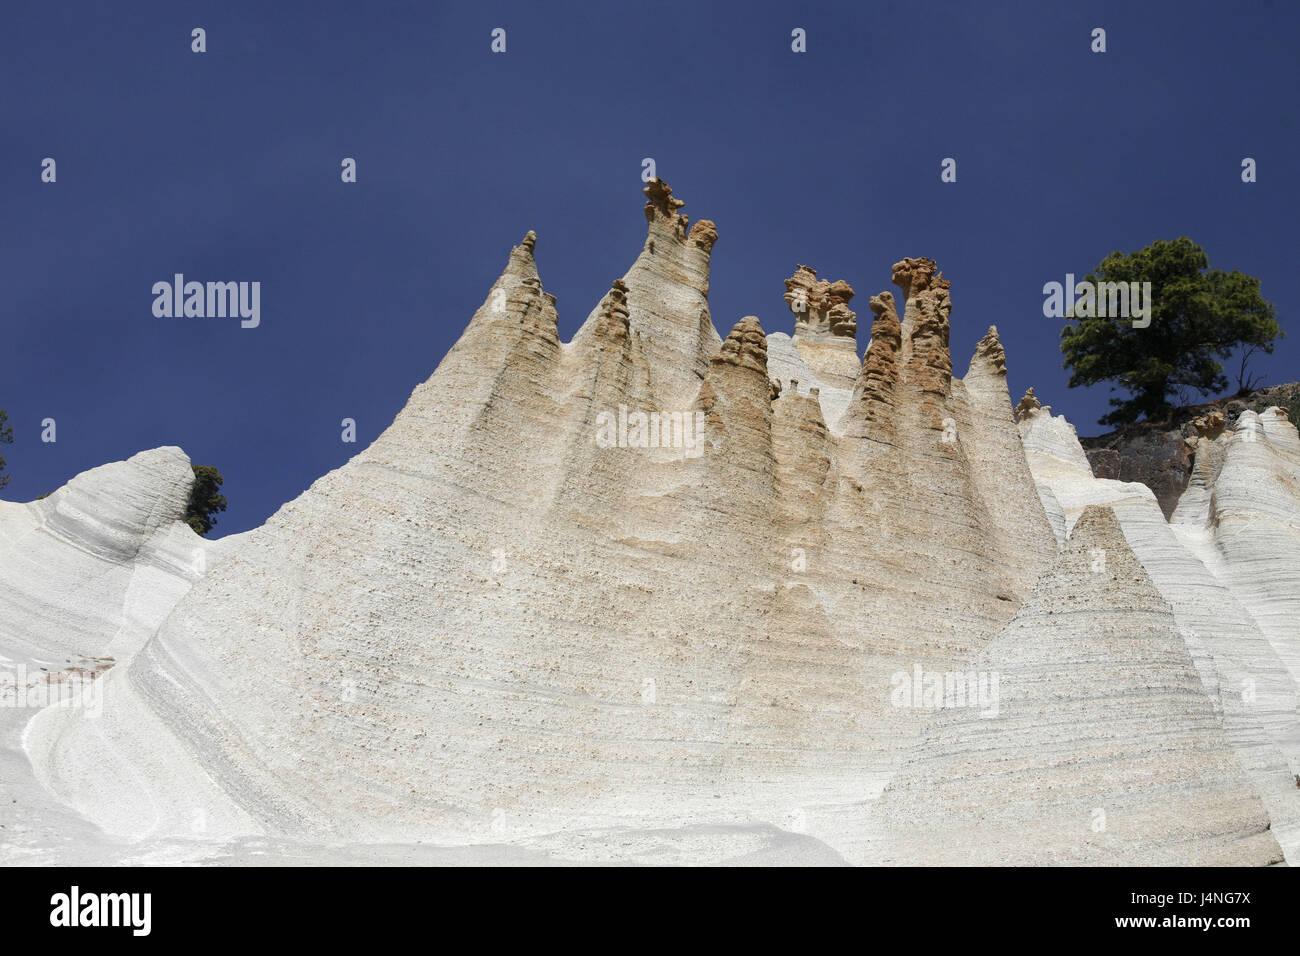 Spain, Tenerife, Paisaje Luar, tuff stone cone, - Stock Image